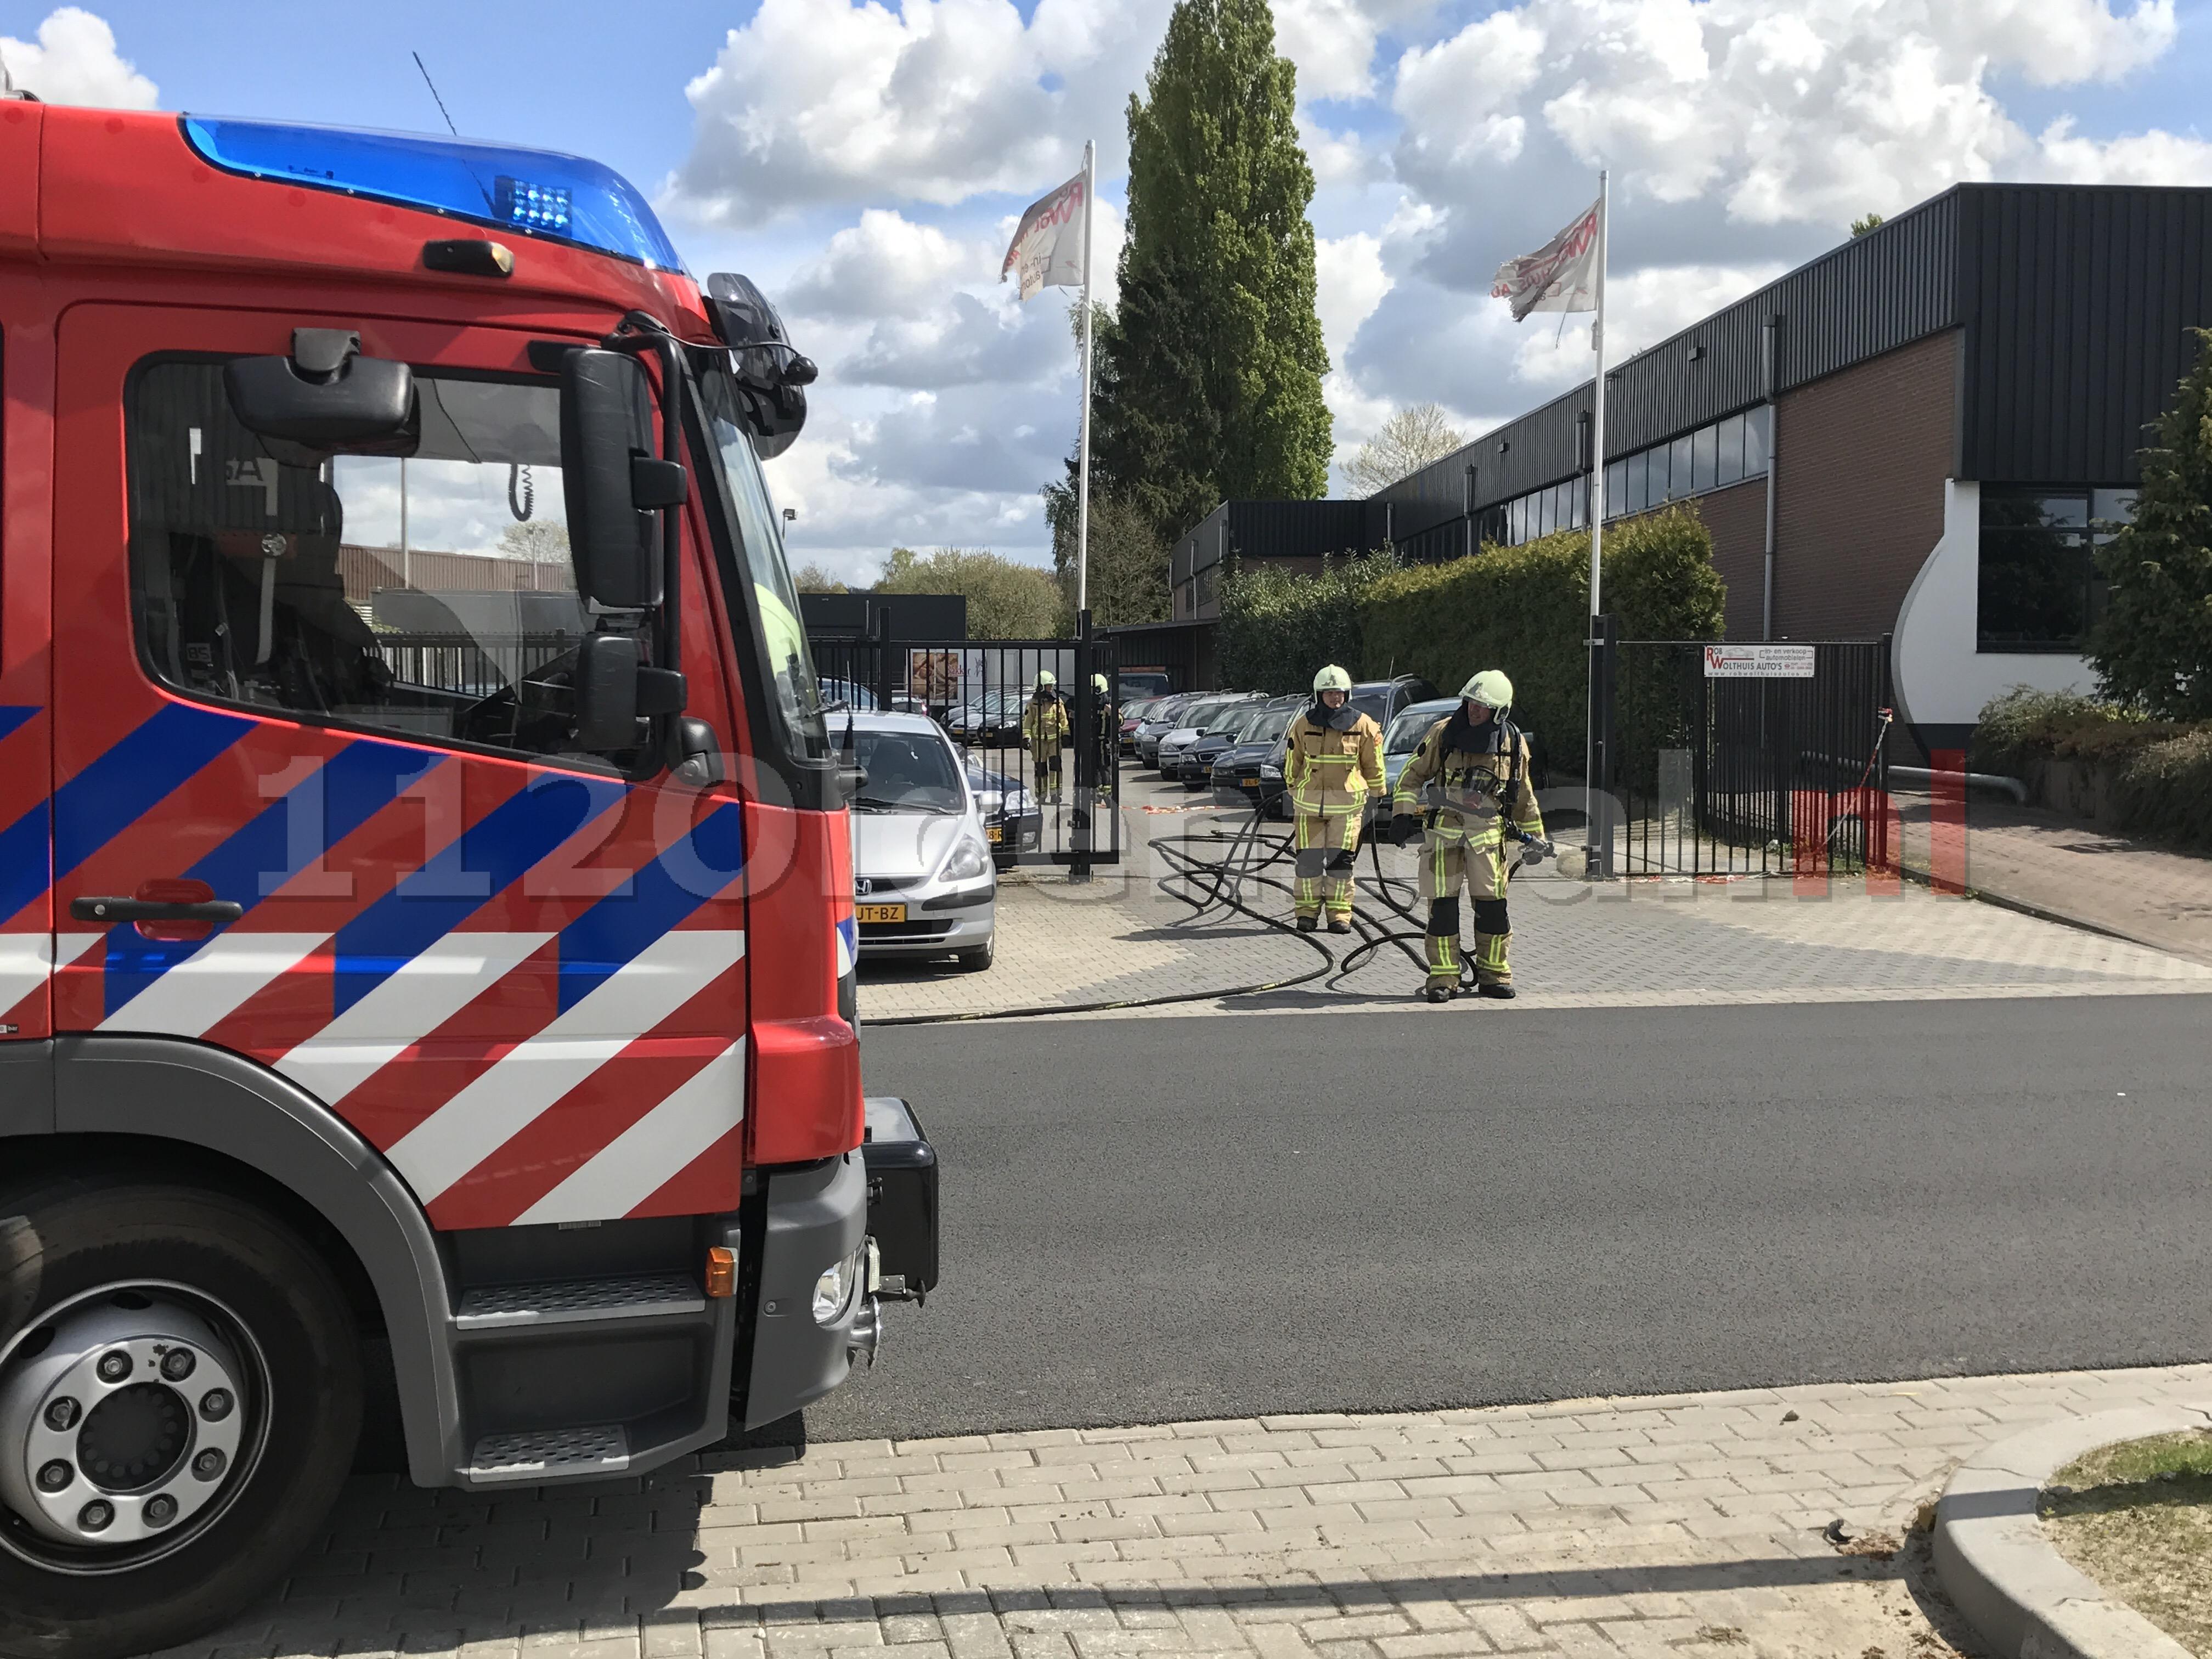 Foto 2: Brandweer opgeroepen voor nabluswerkzaamheden bij autobedrijf in Oldenzaal